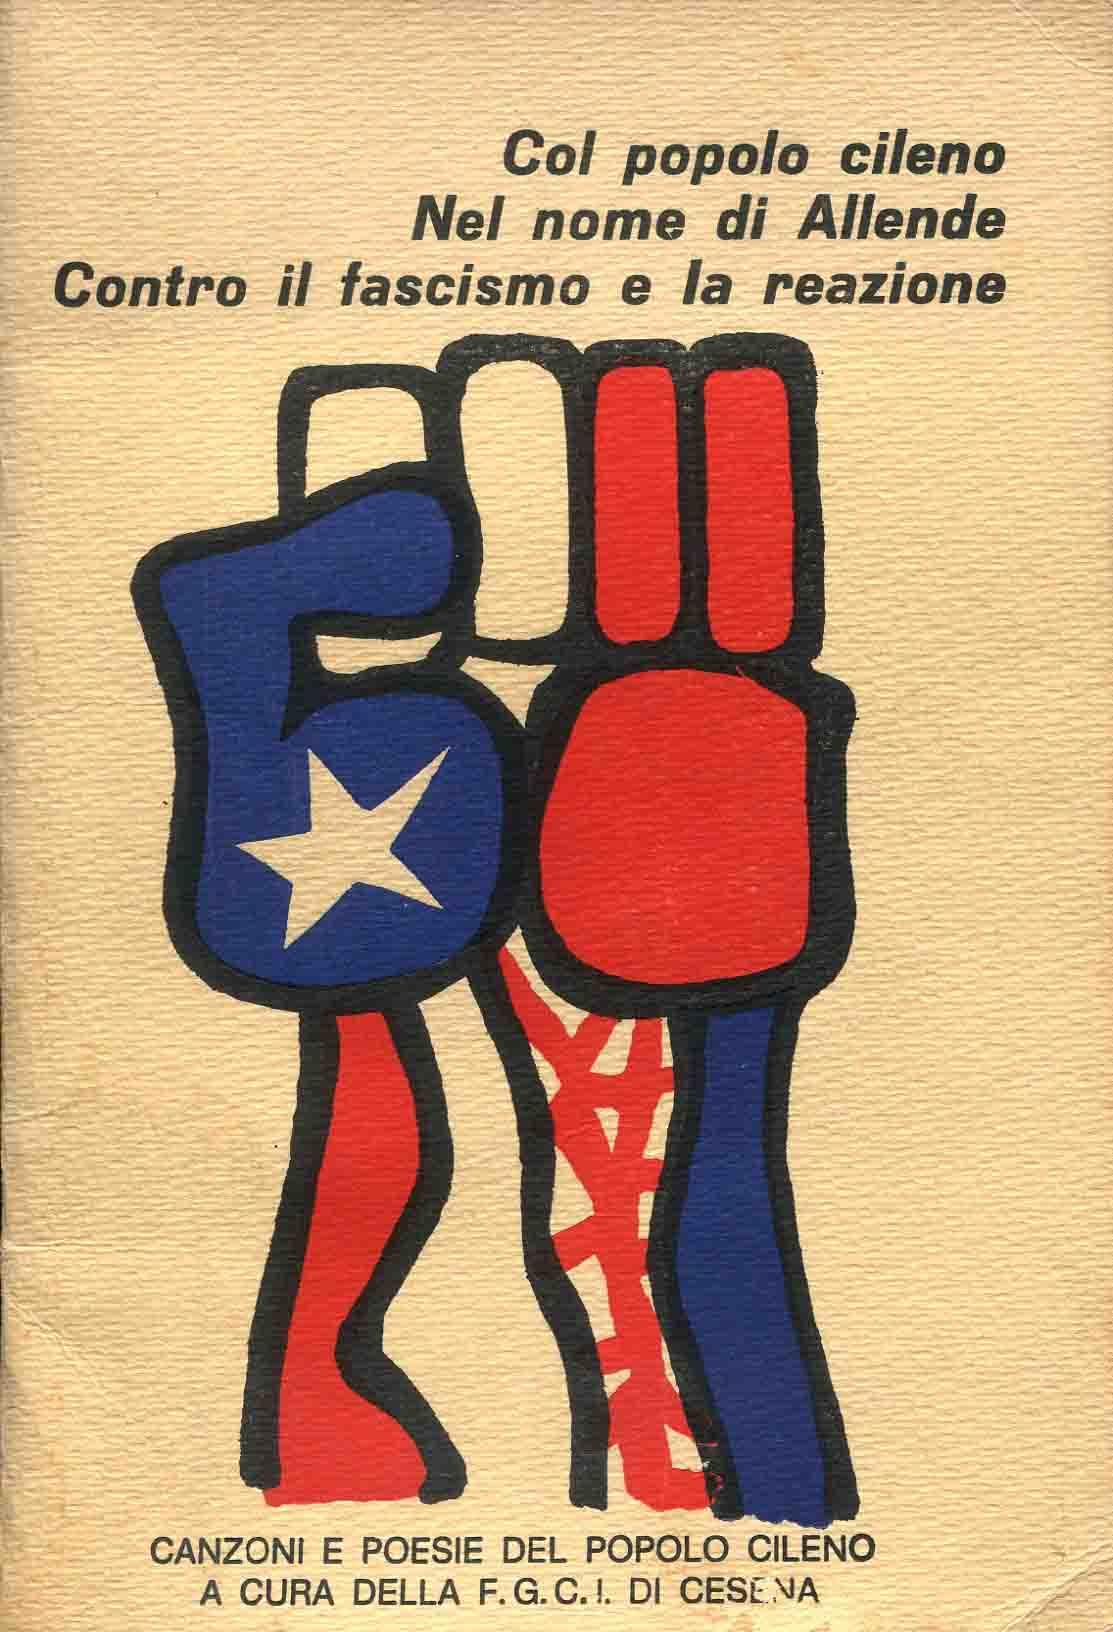 Col popolo cileno nel nome di Allende contro il fascismo e la reazione